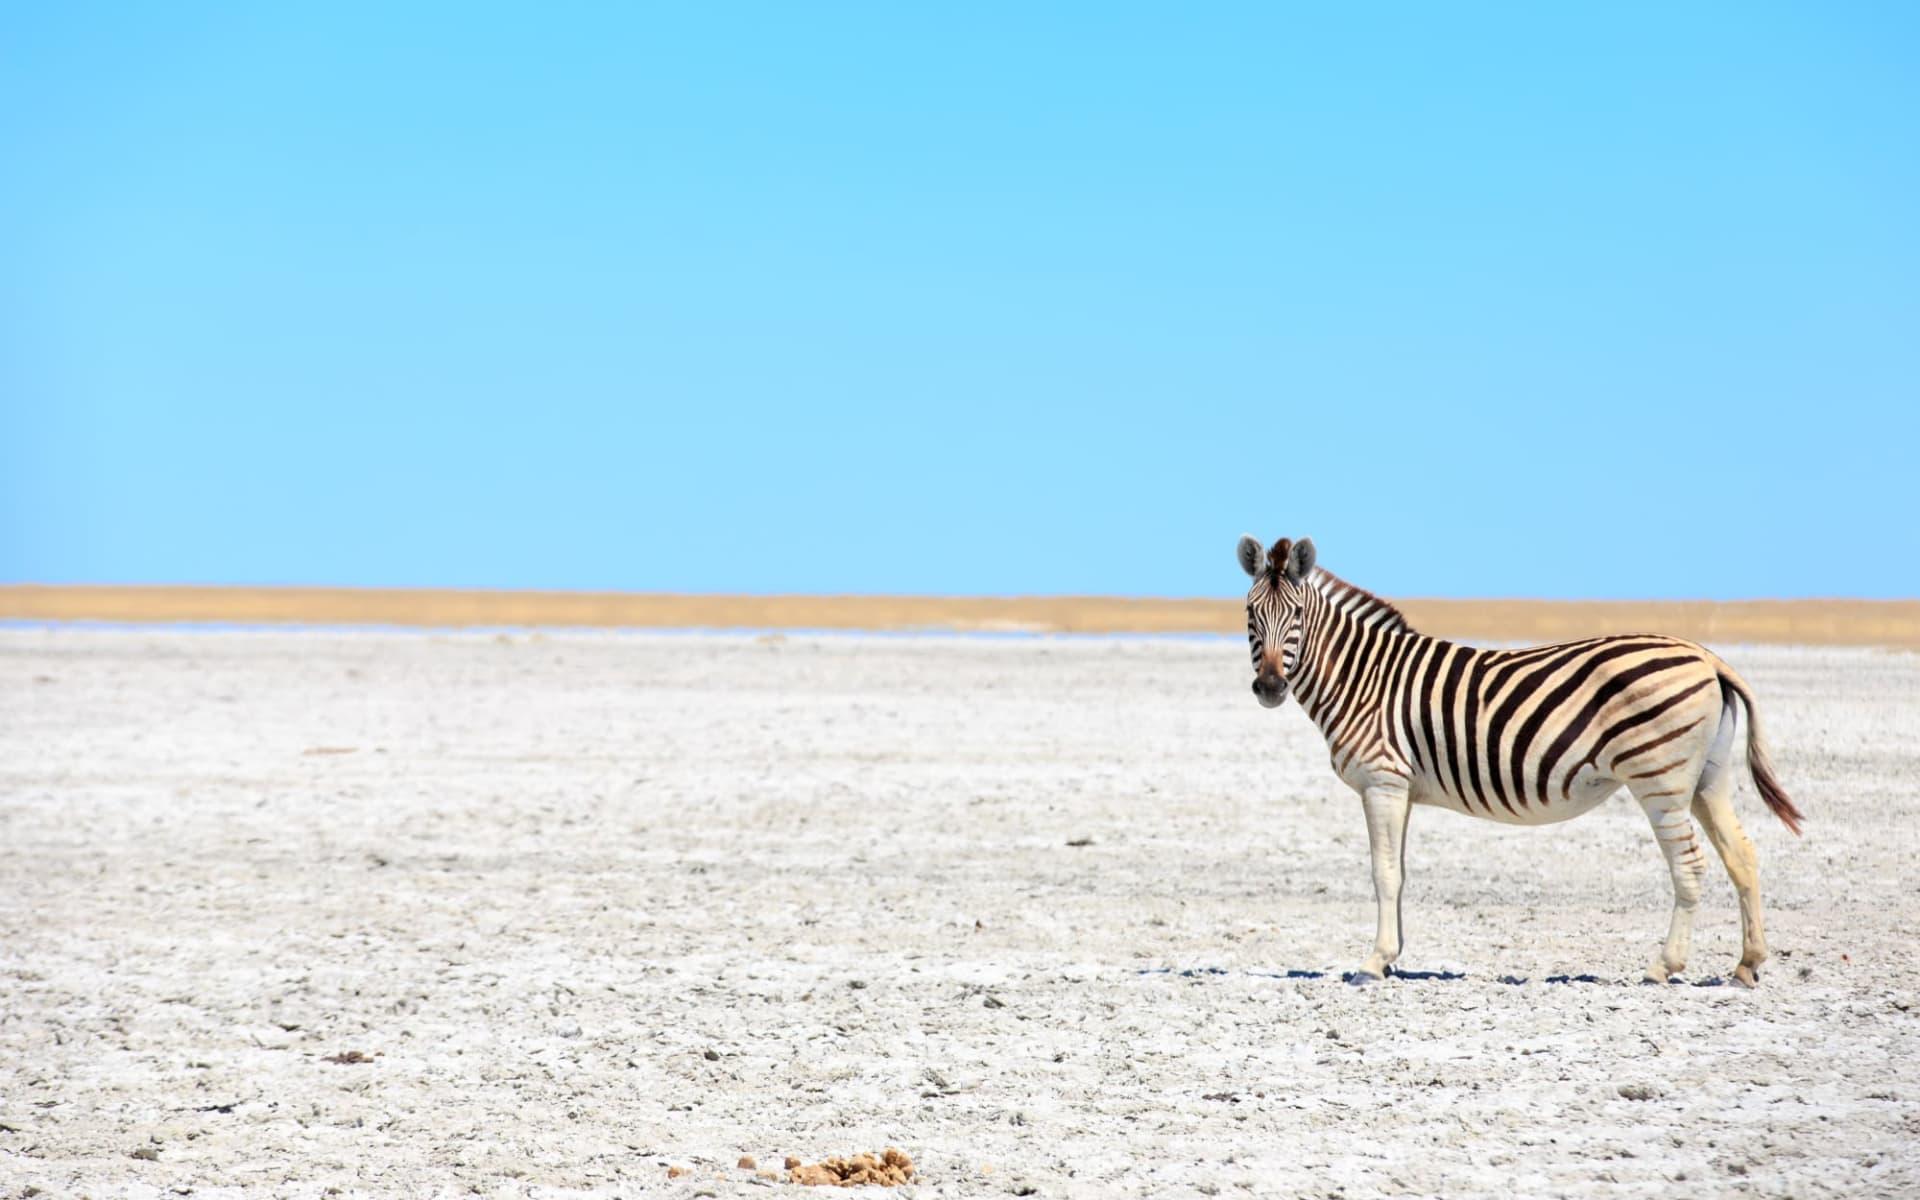 San Camp in Makgadikgadi Pans: Botswana Makgadikgadi Pans, Zebra im Great Salt Pans